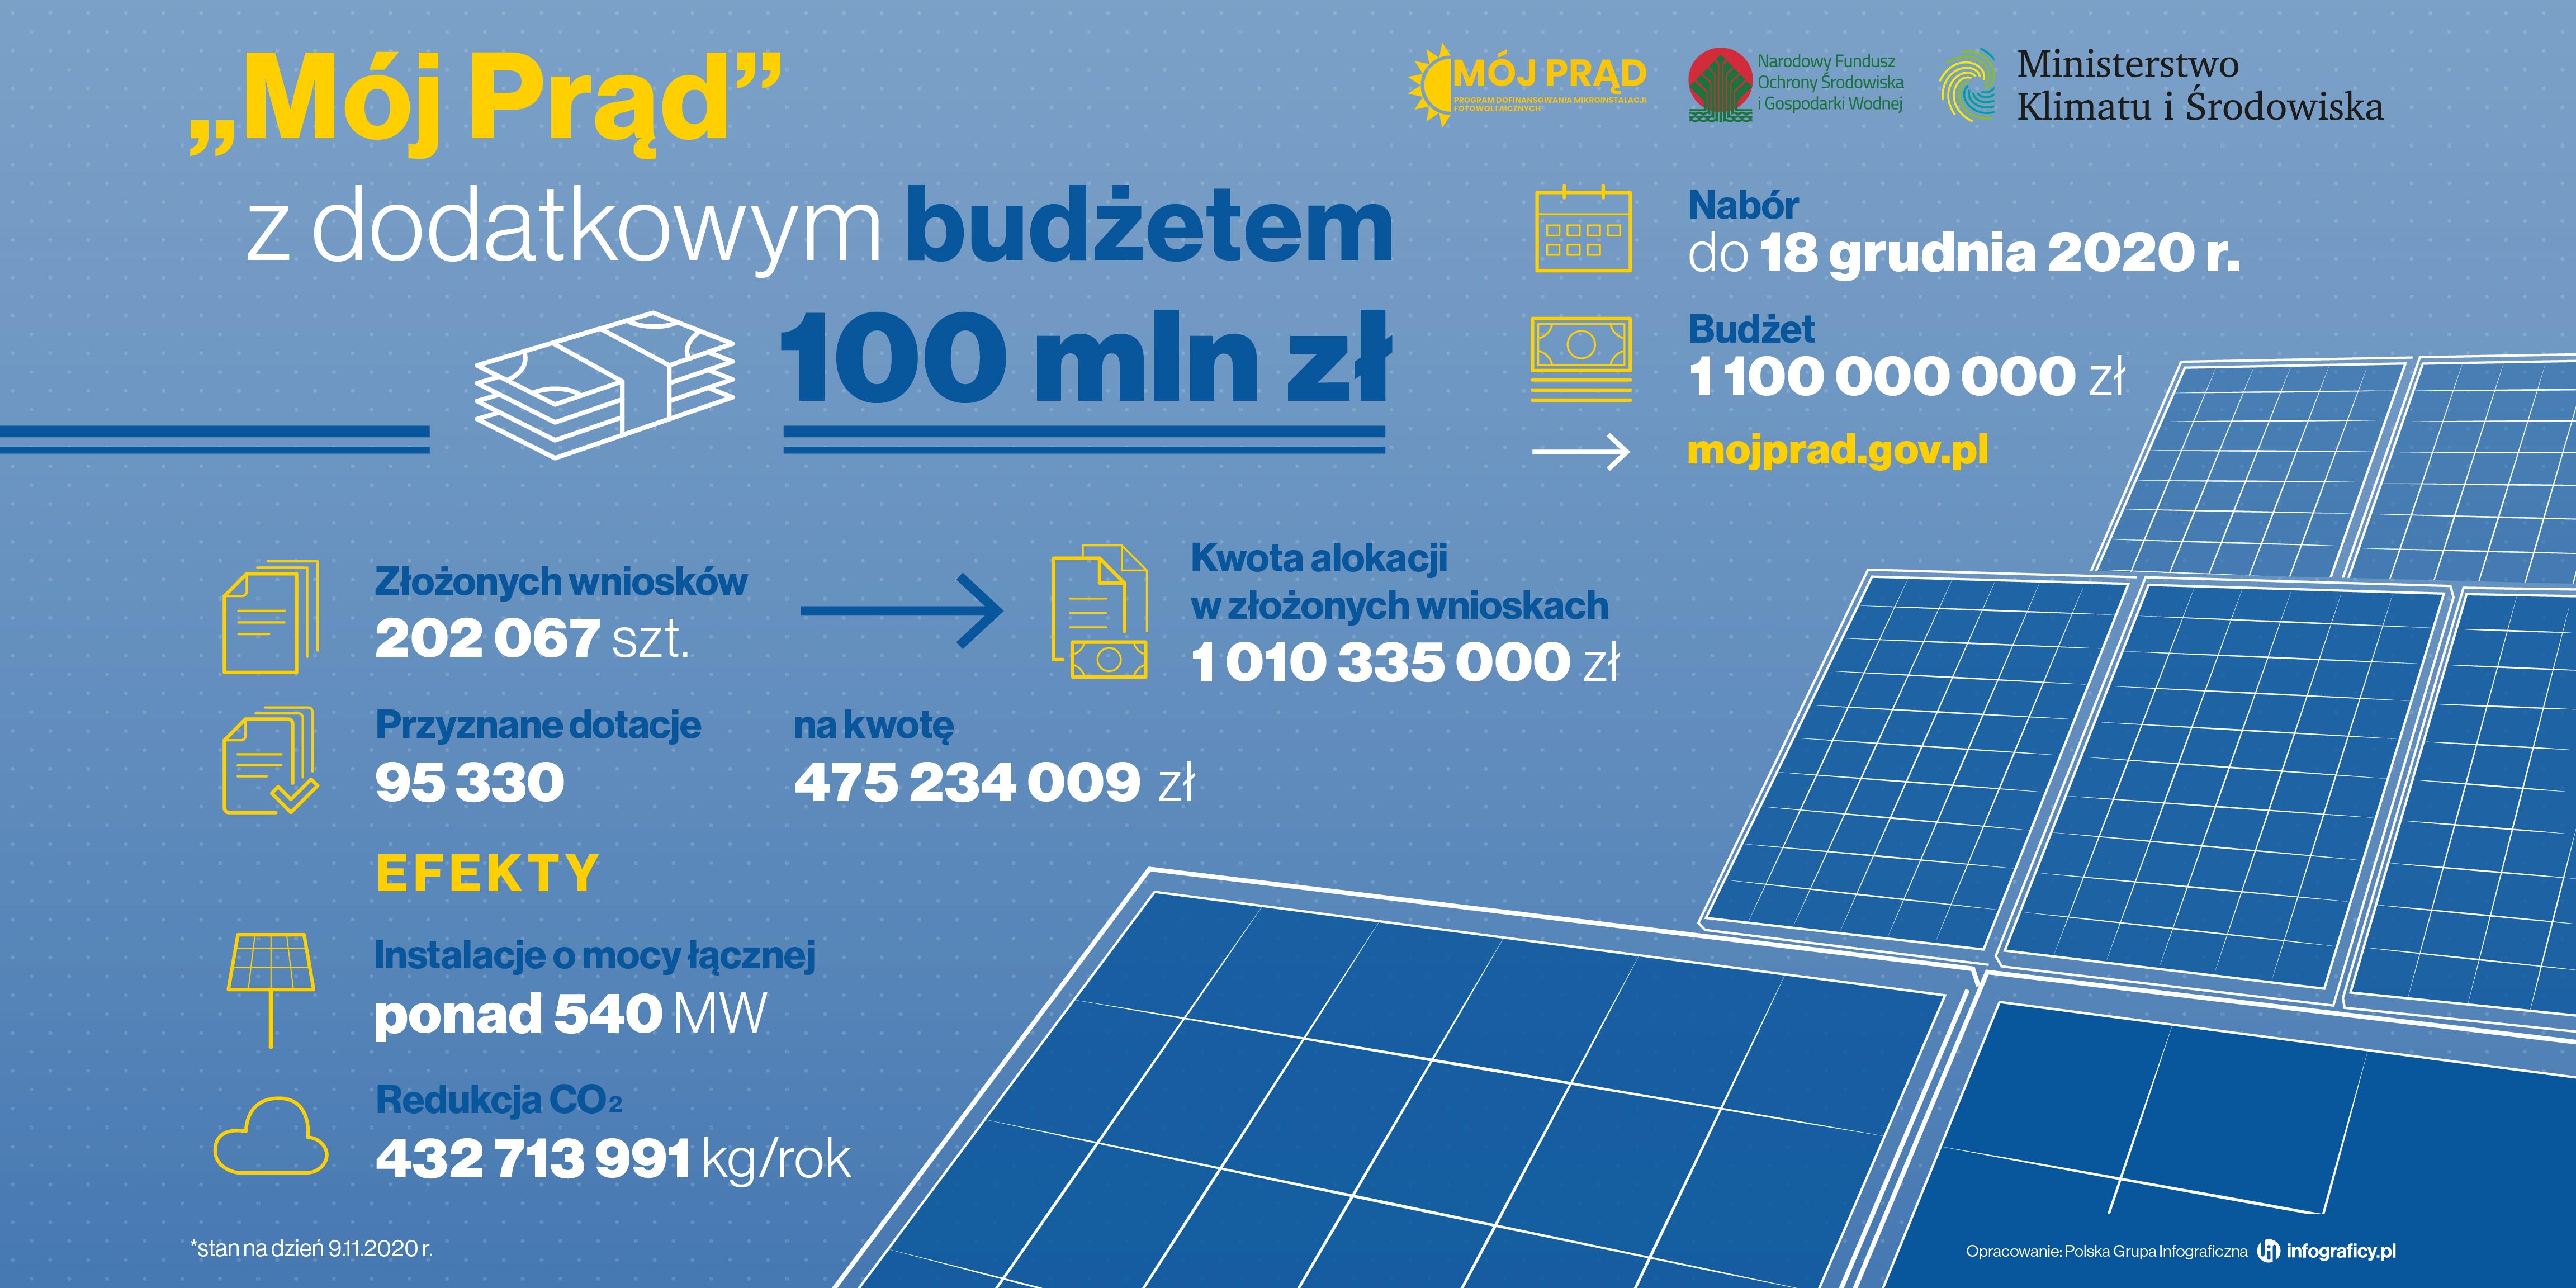 Dodatkowy budżet w wysokości 100 mln zł przeznaczony na program